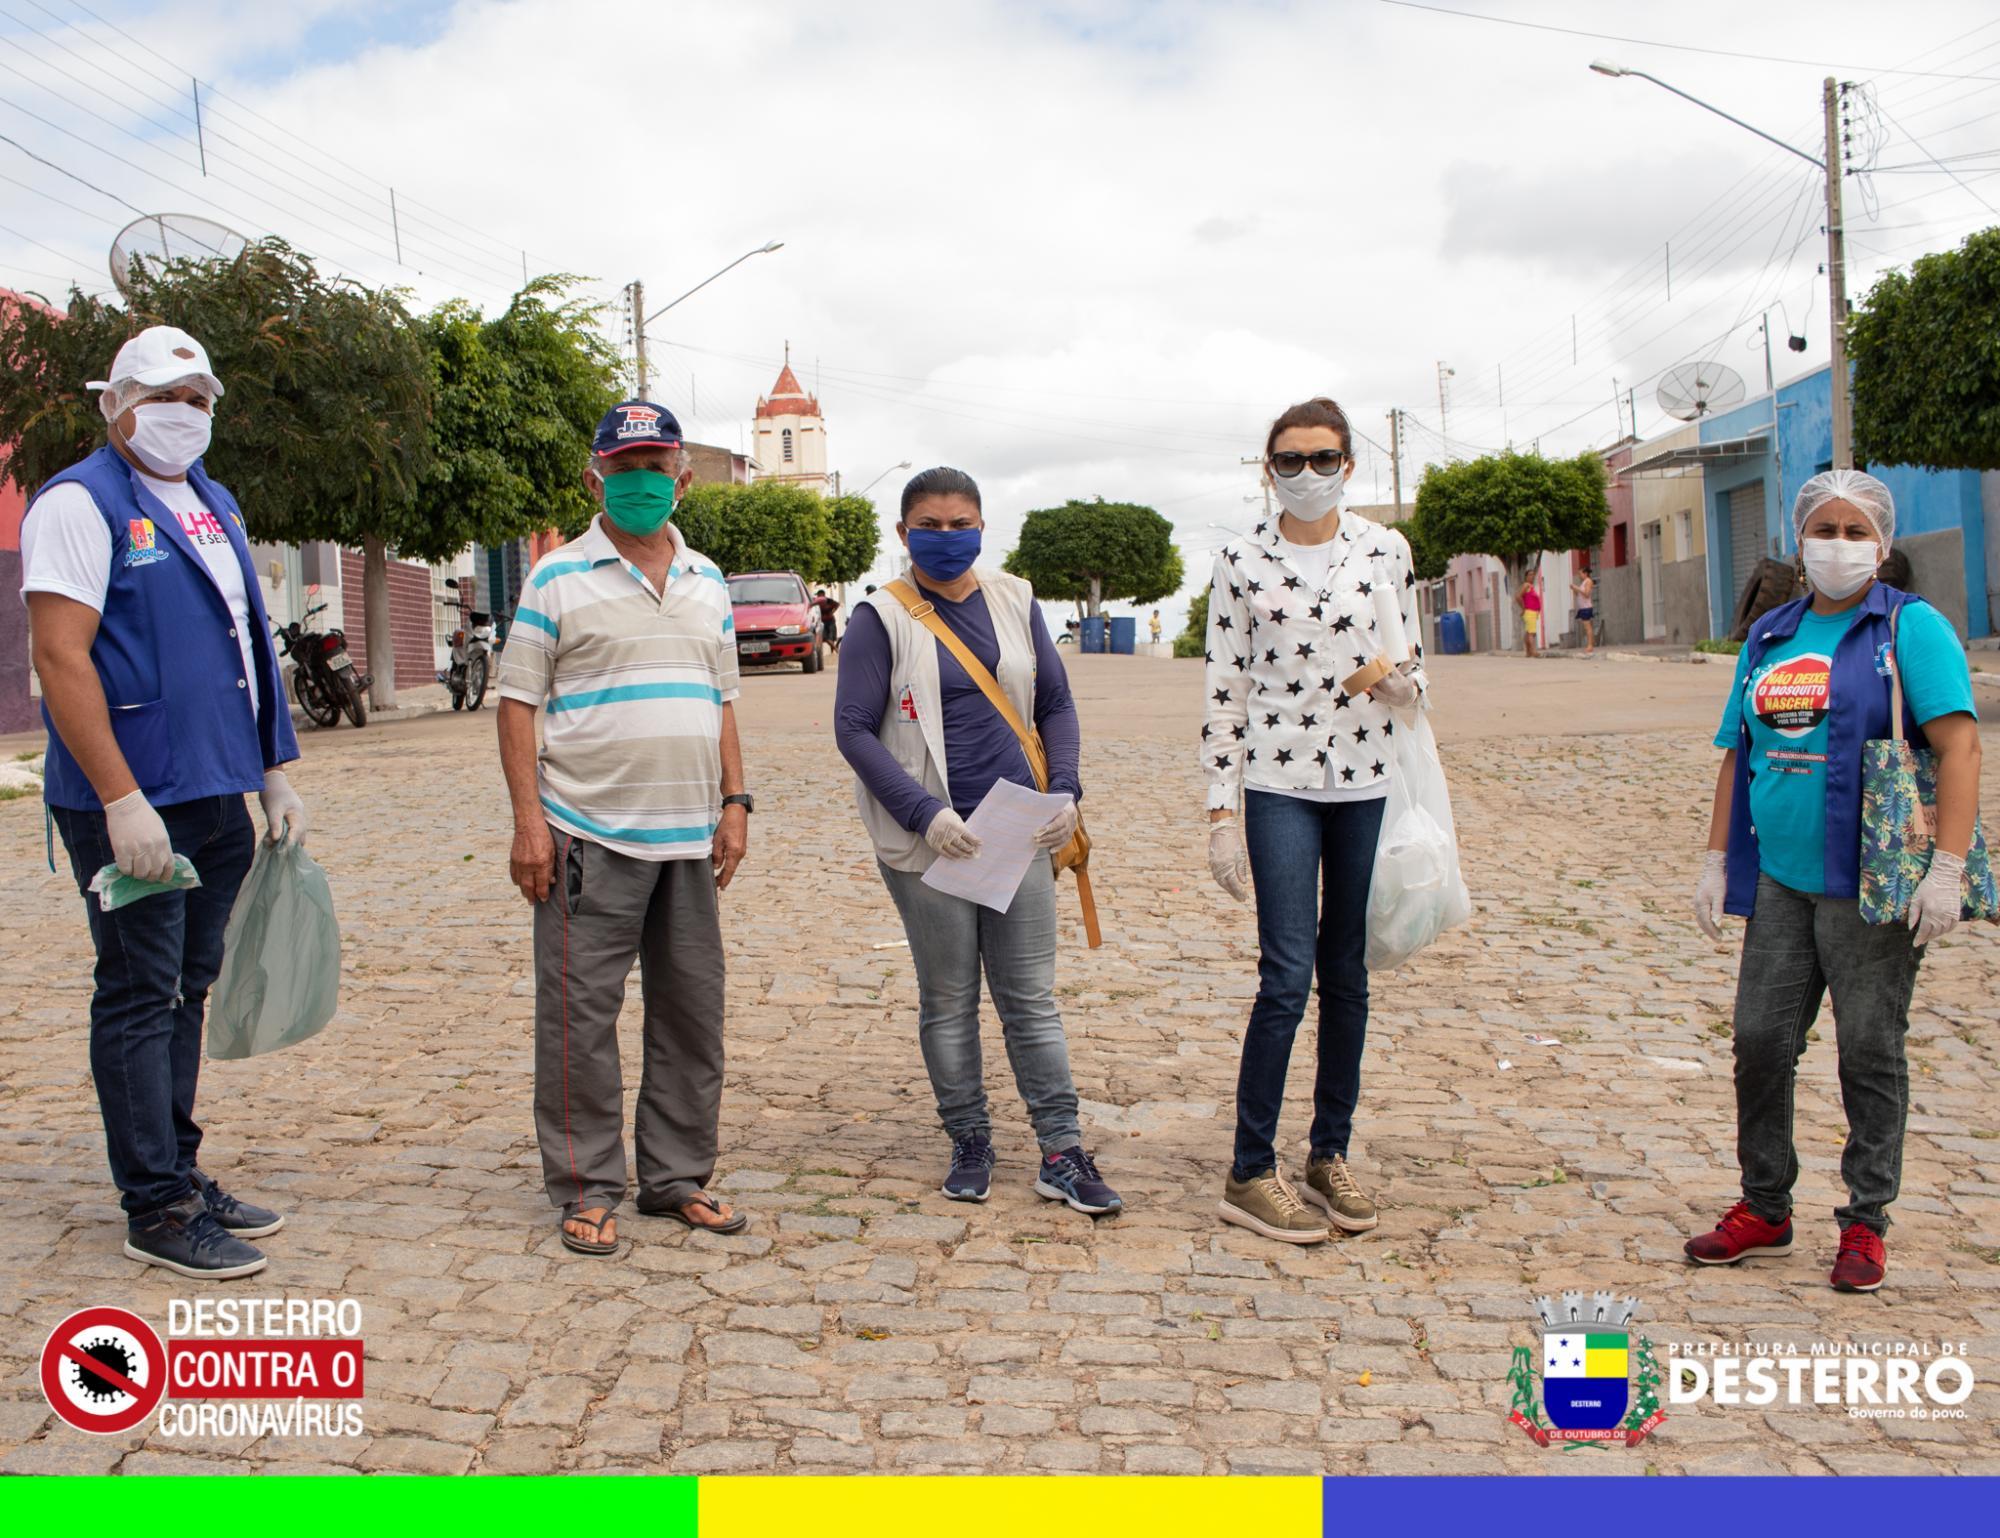 Agora é a vez de Tataíra. Prefeitura realiza distribuição de máscaras e álcool em gel para população do distrito.